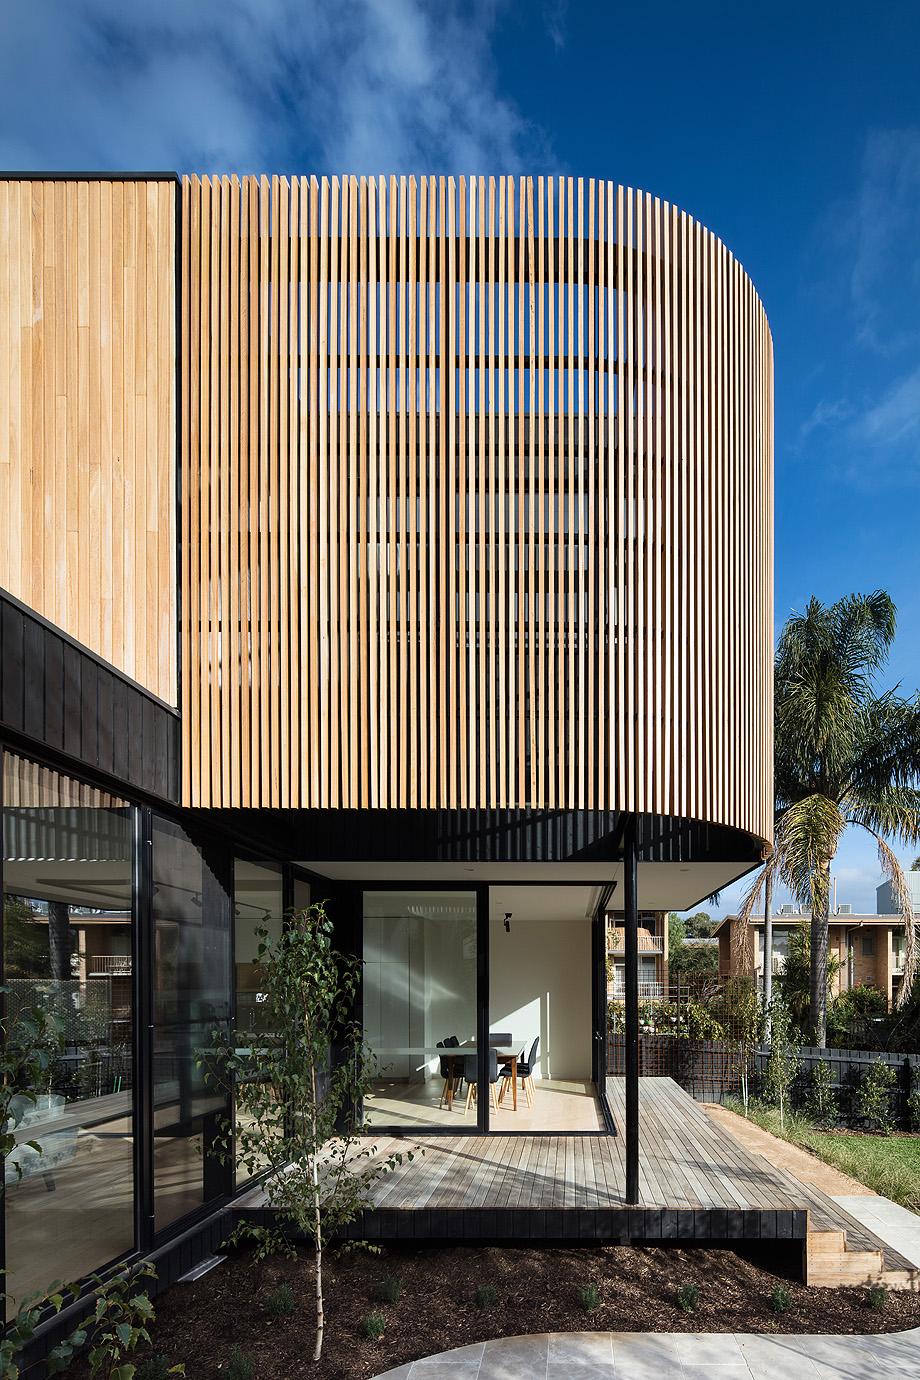 ampliación de una casa por modscape - foto john madden (5)